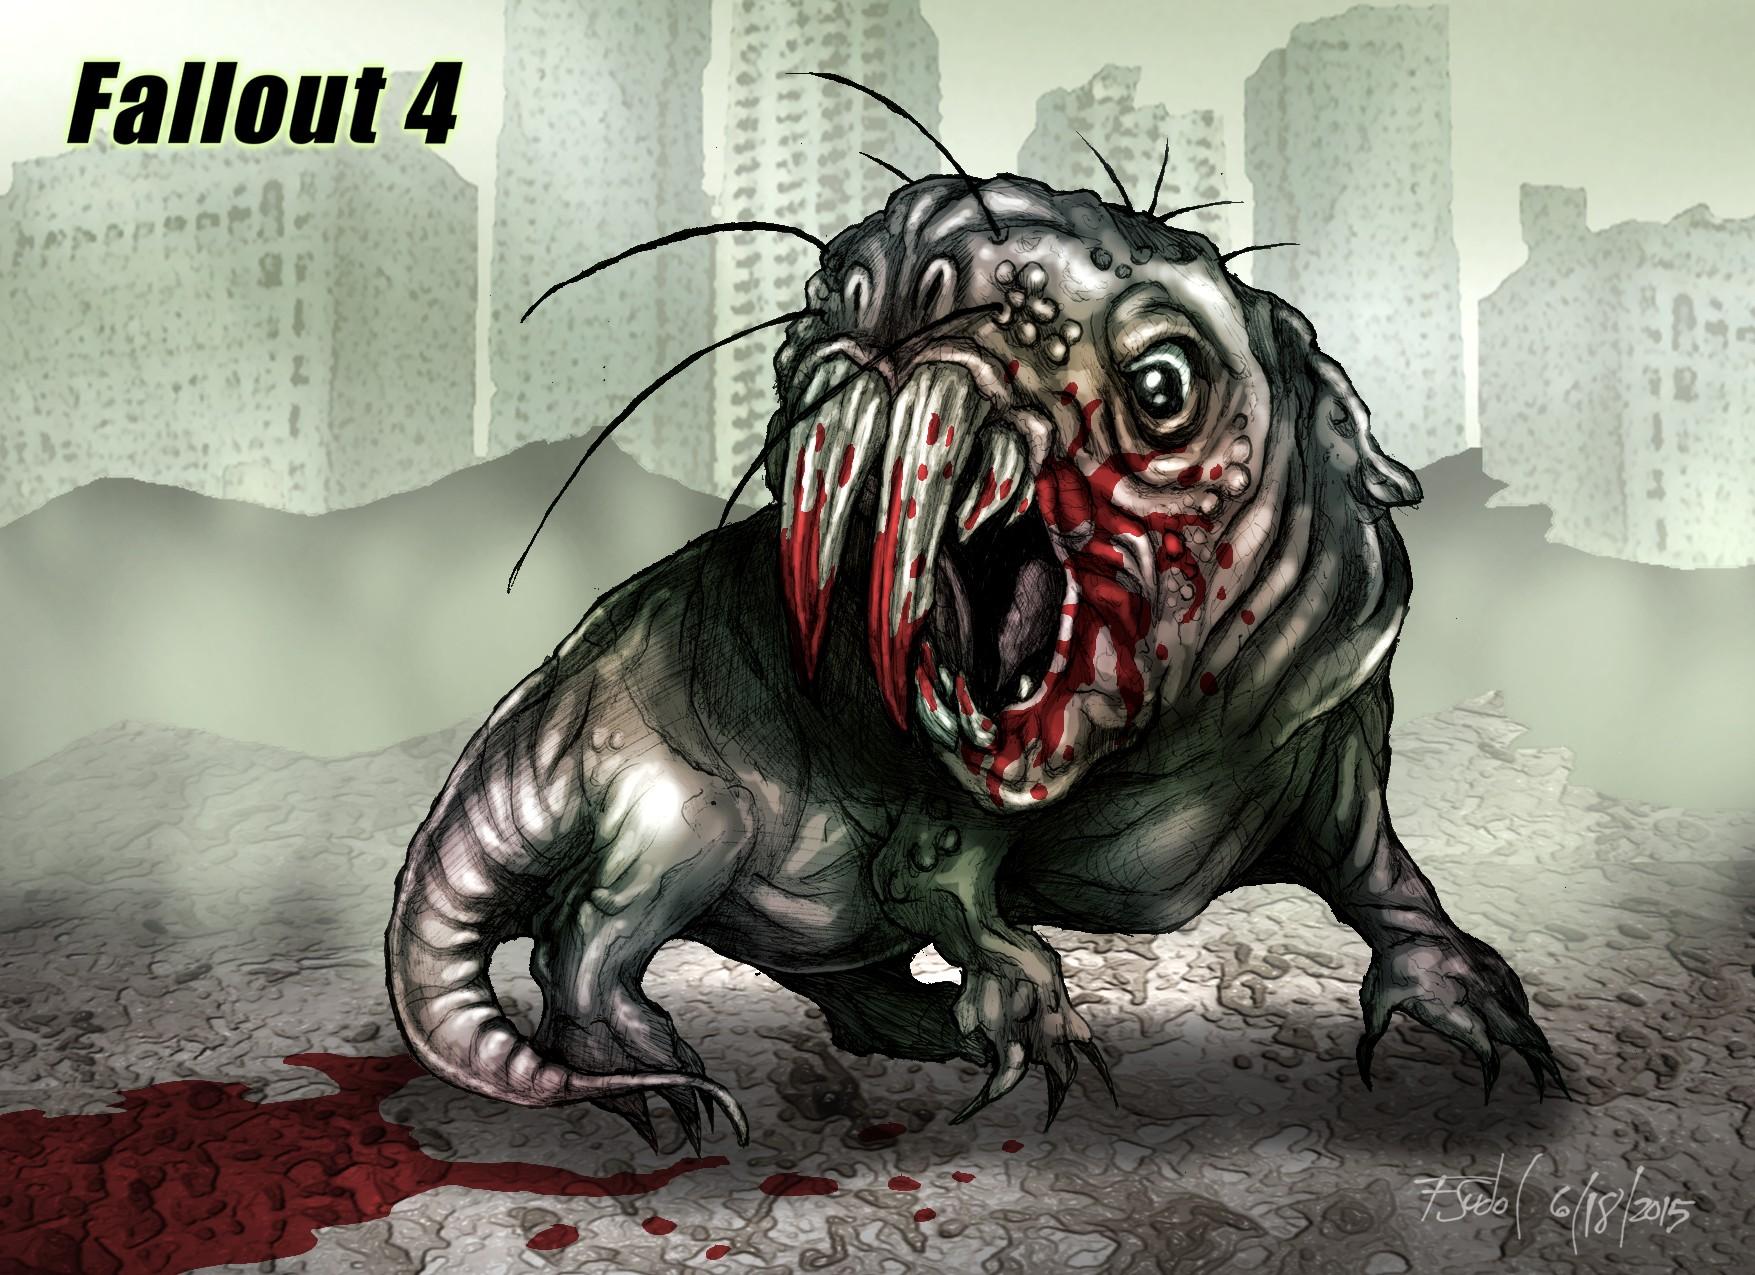 Mole Rat Fallout Fan Art